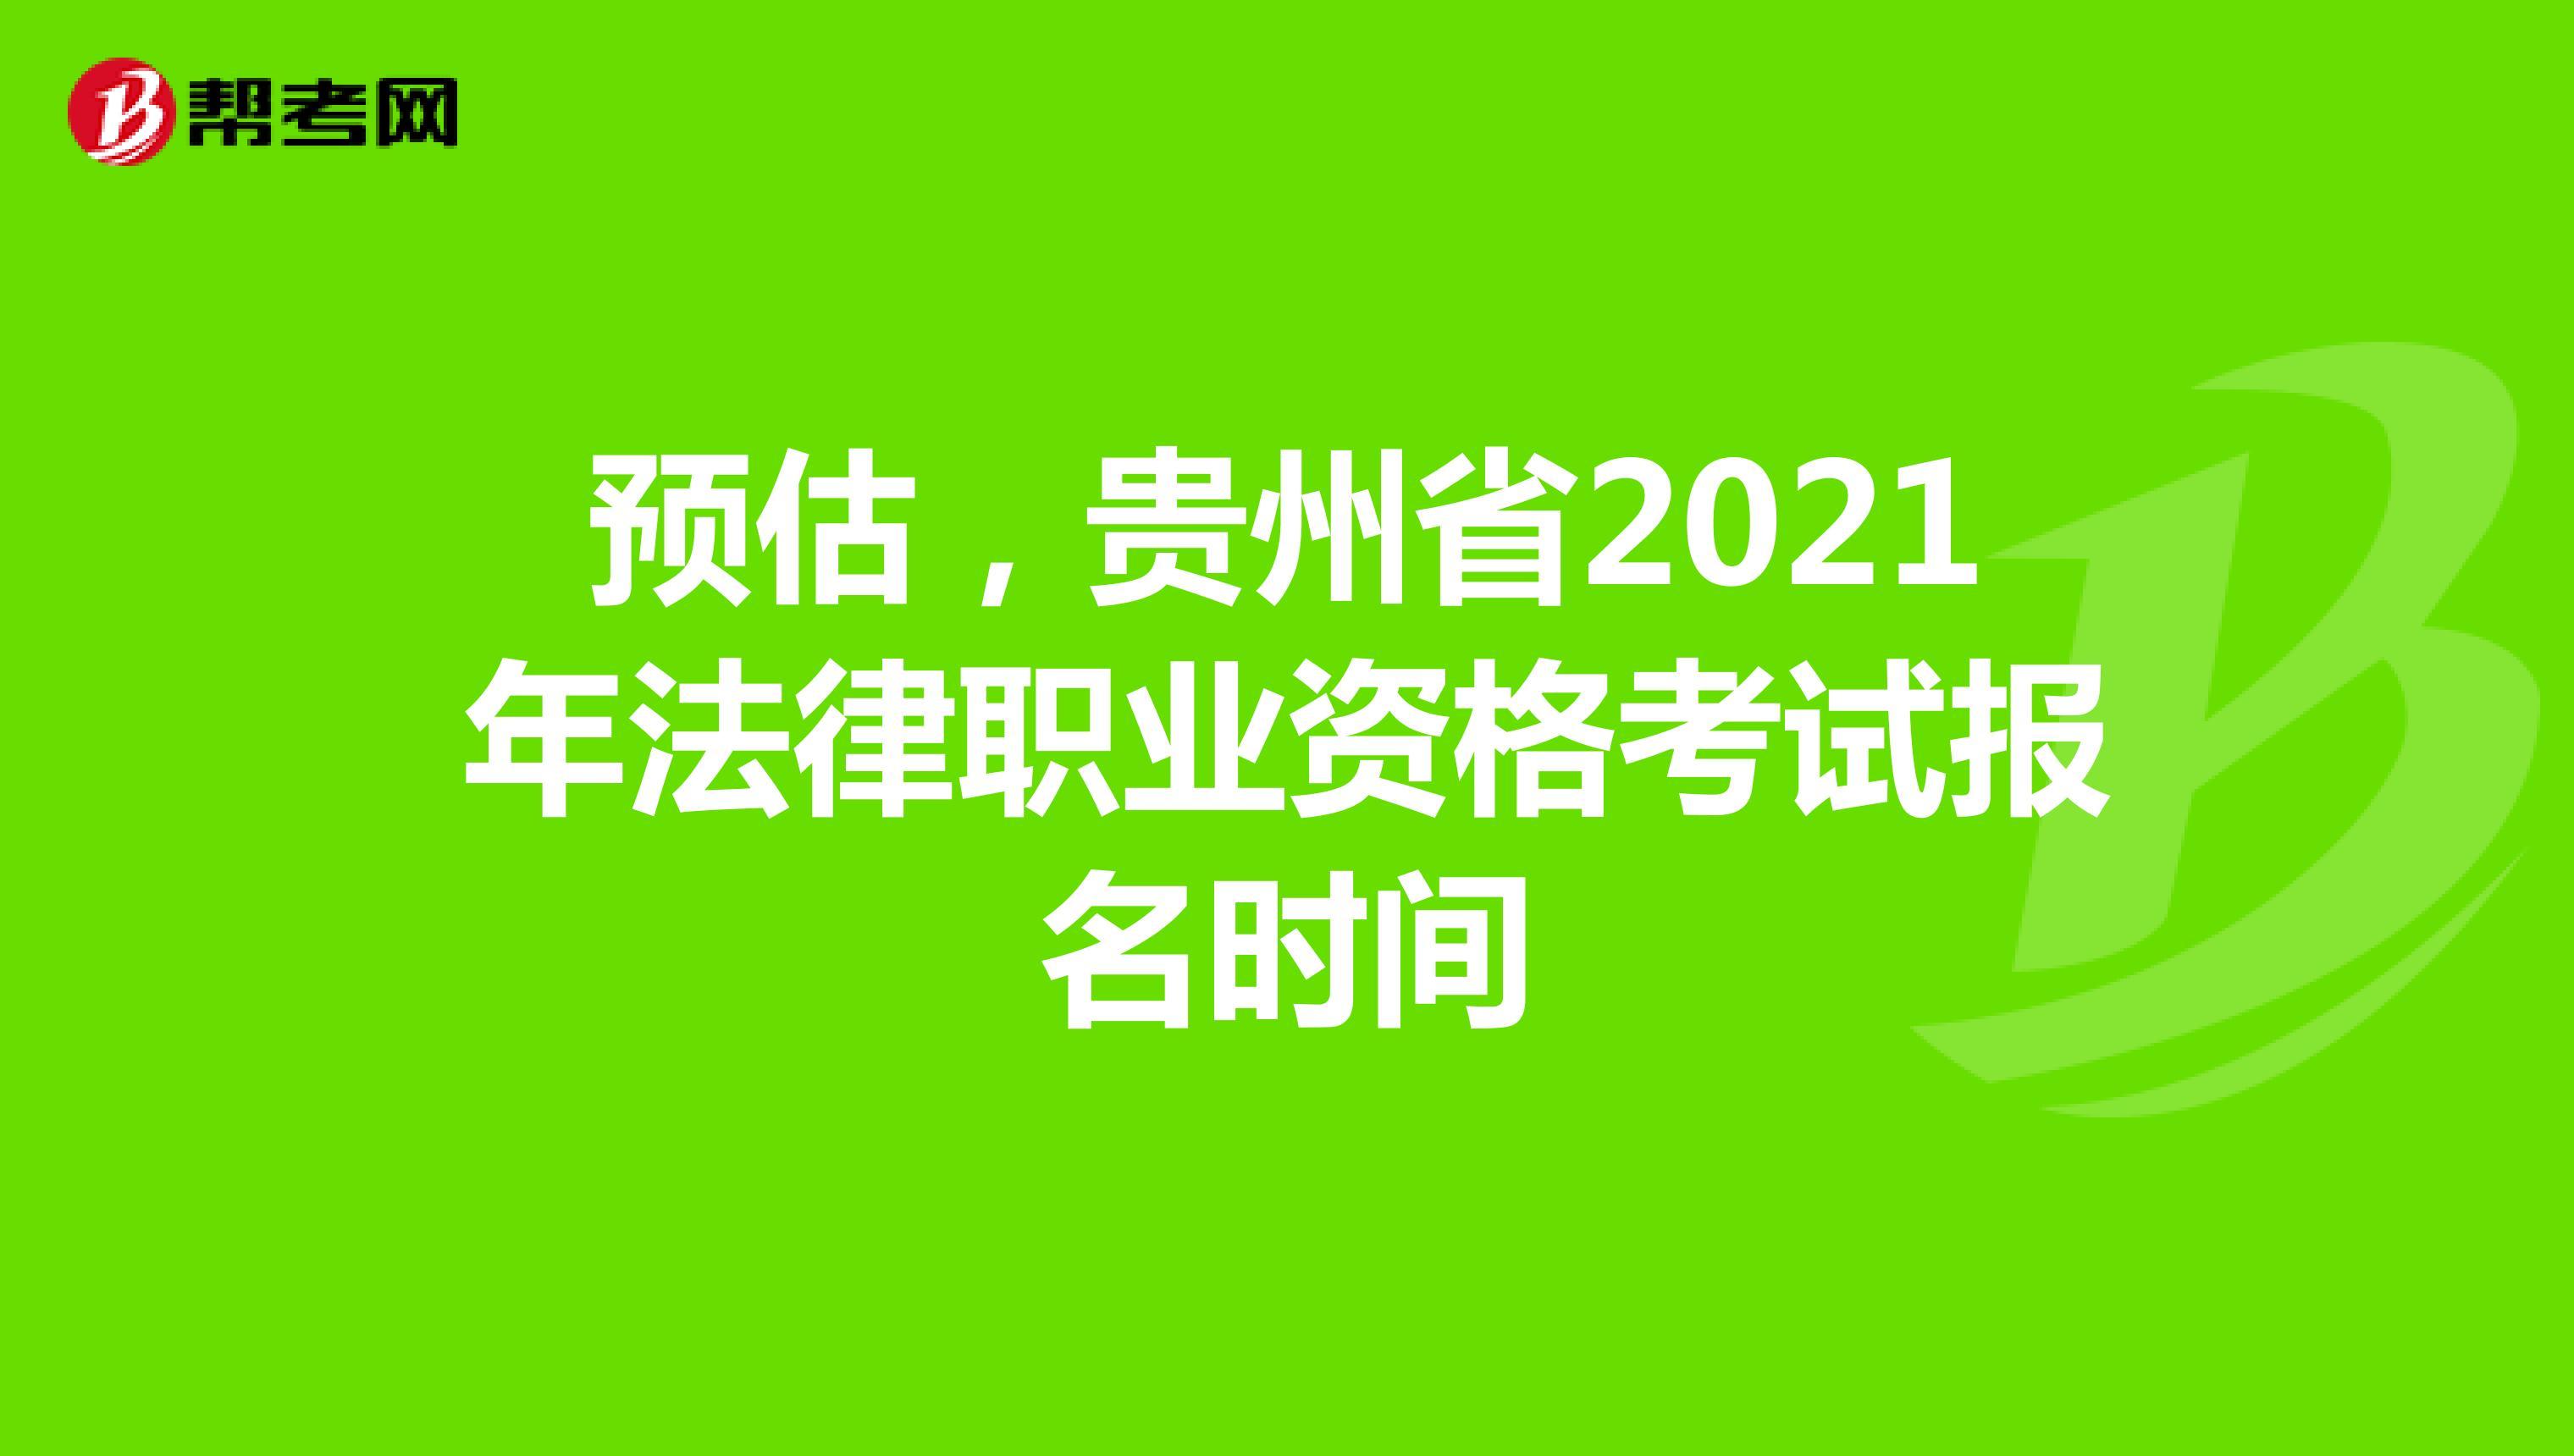 预估,贵州省2021年法律职业资格考试报名时间